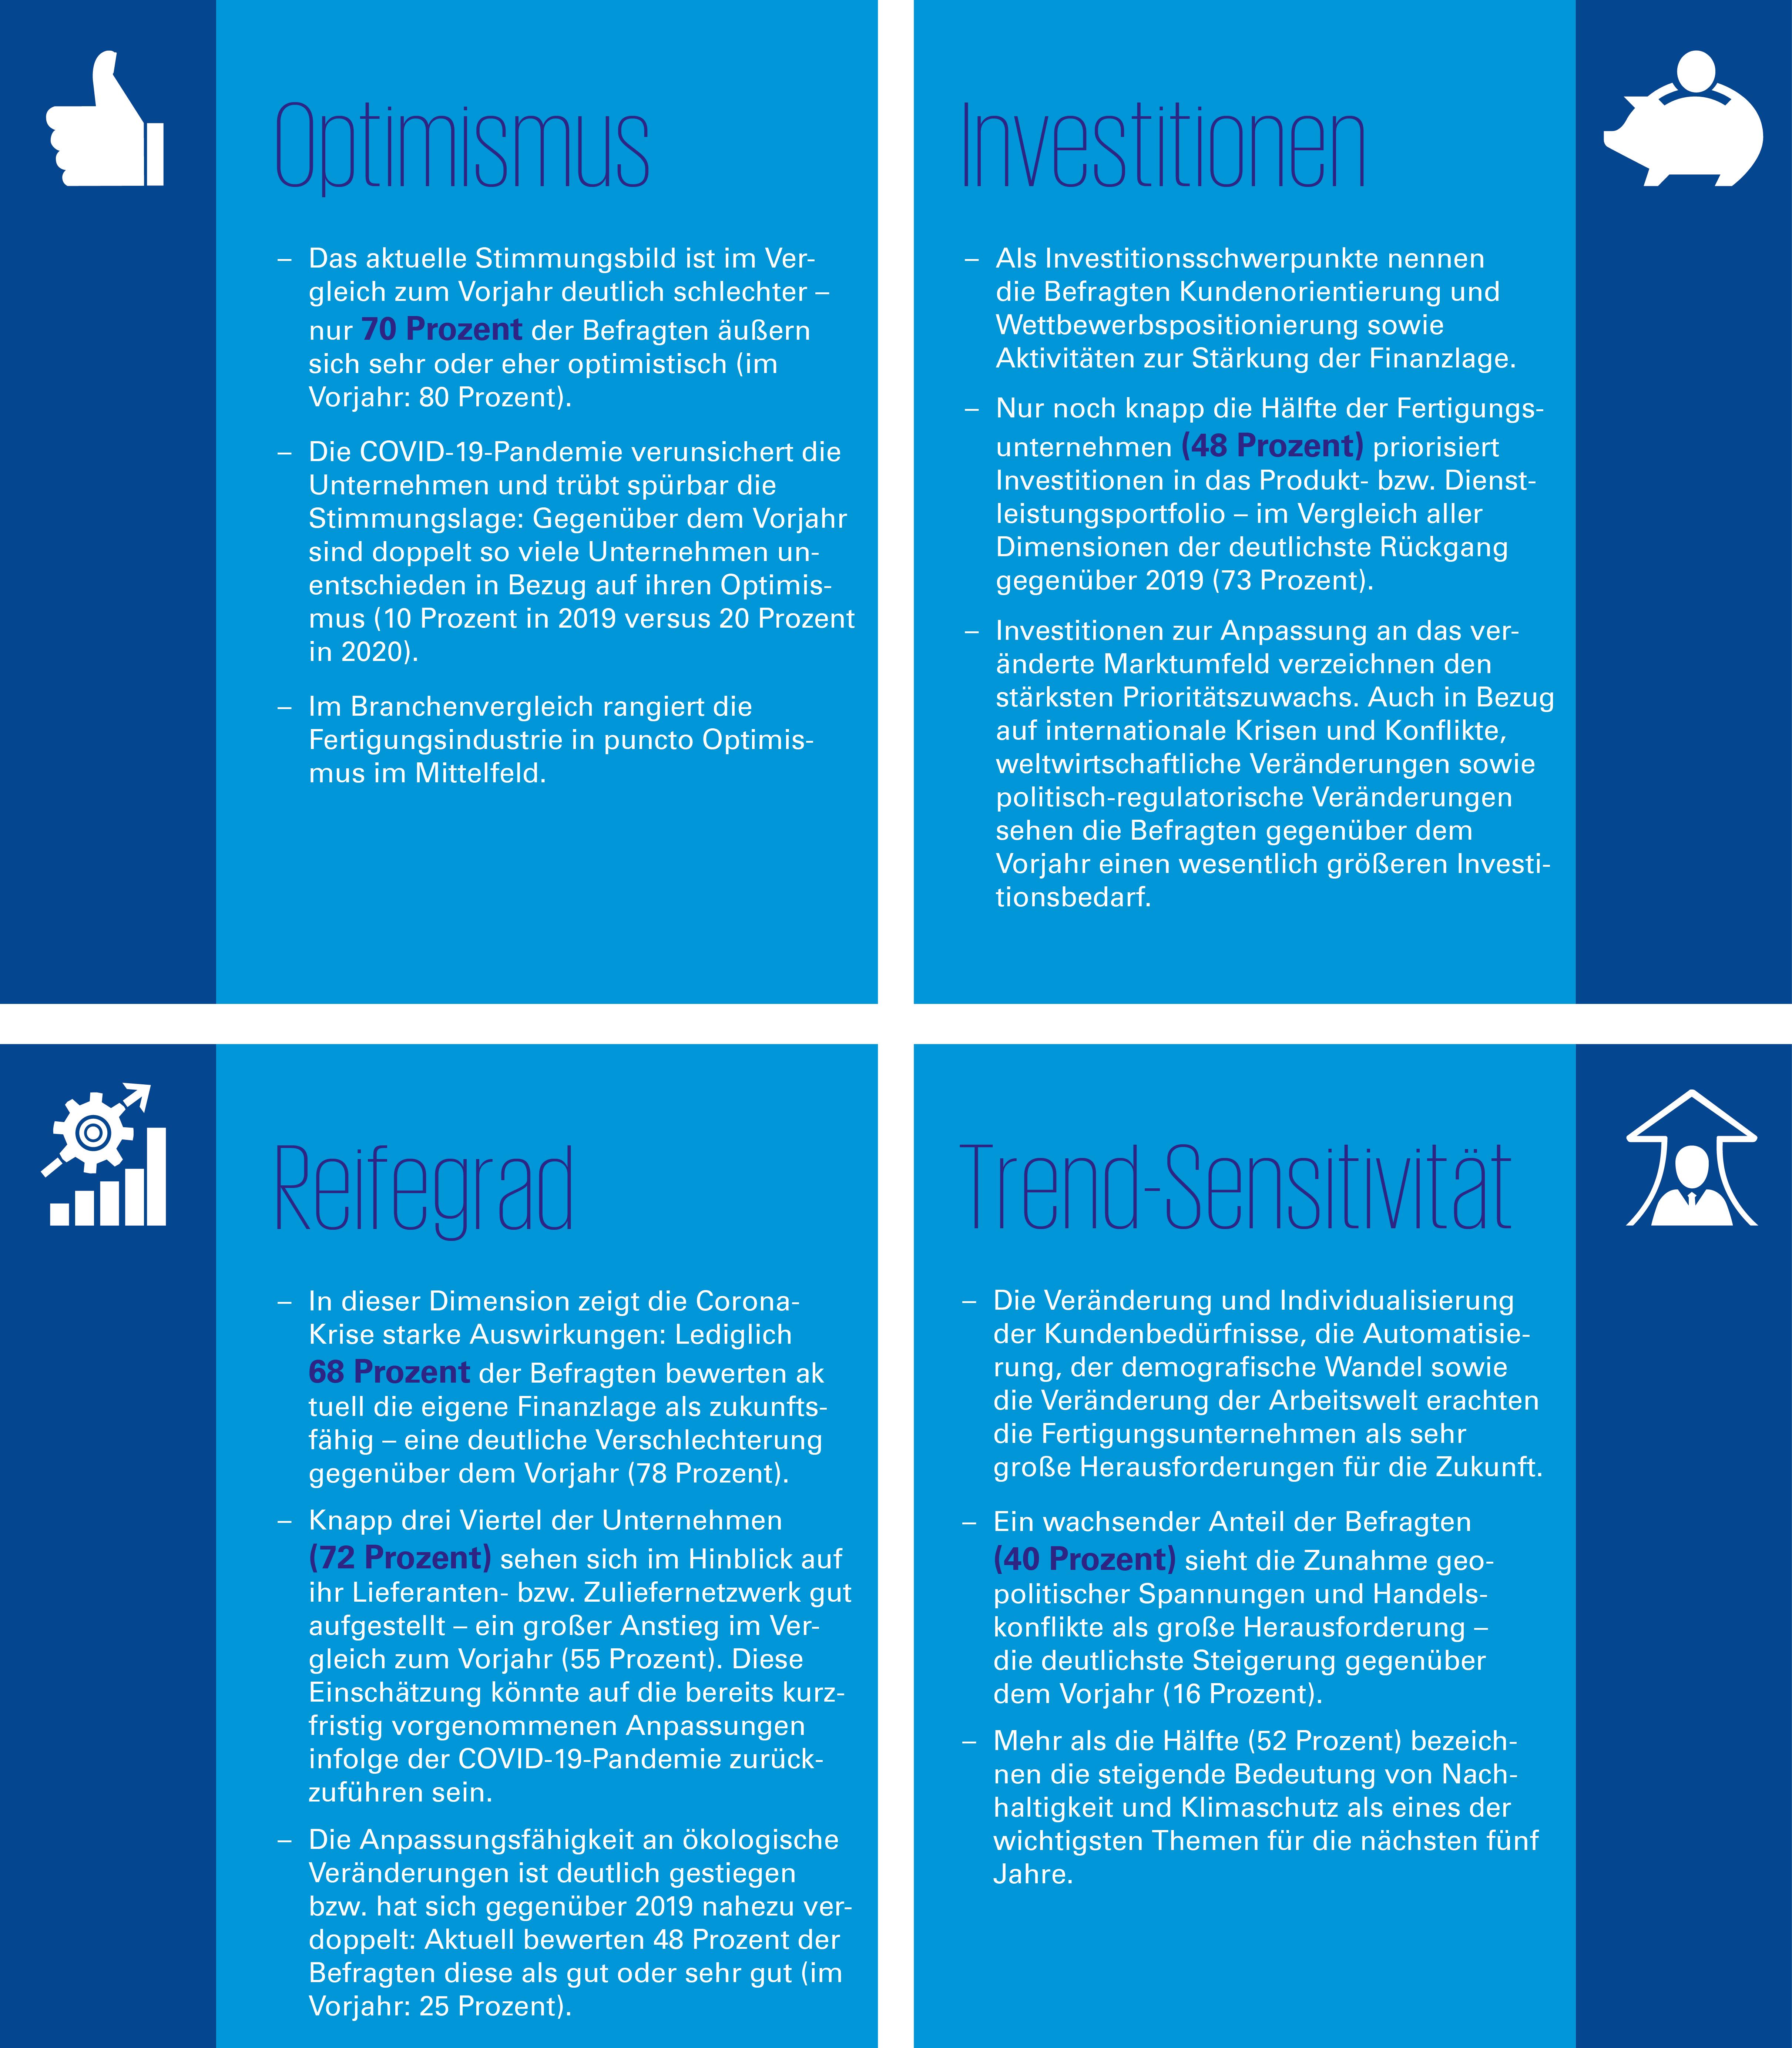 001_Key Facts_Fertigungsindustrie